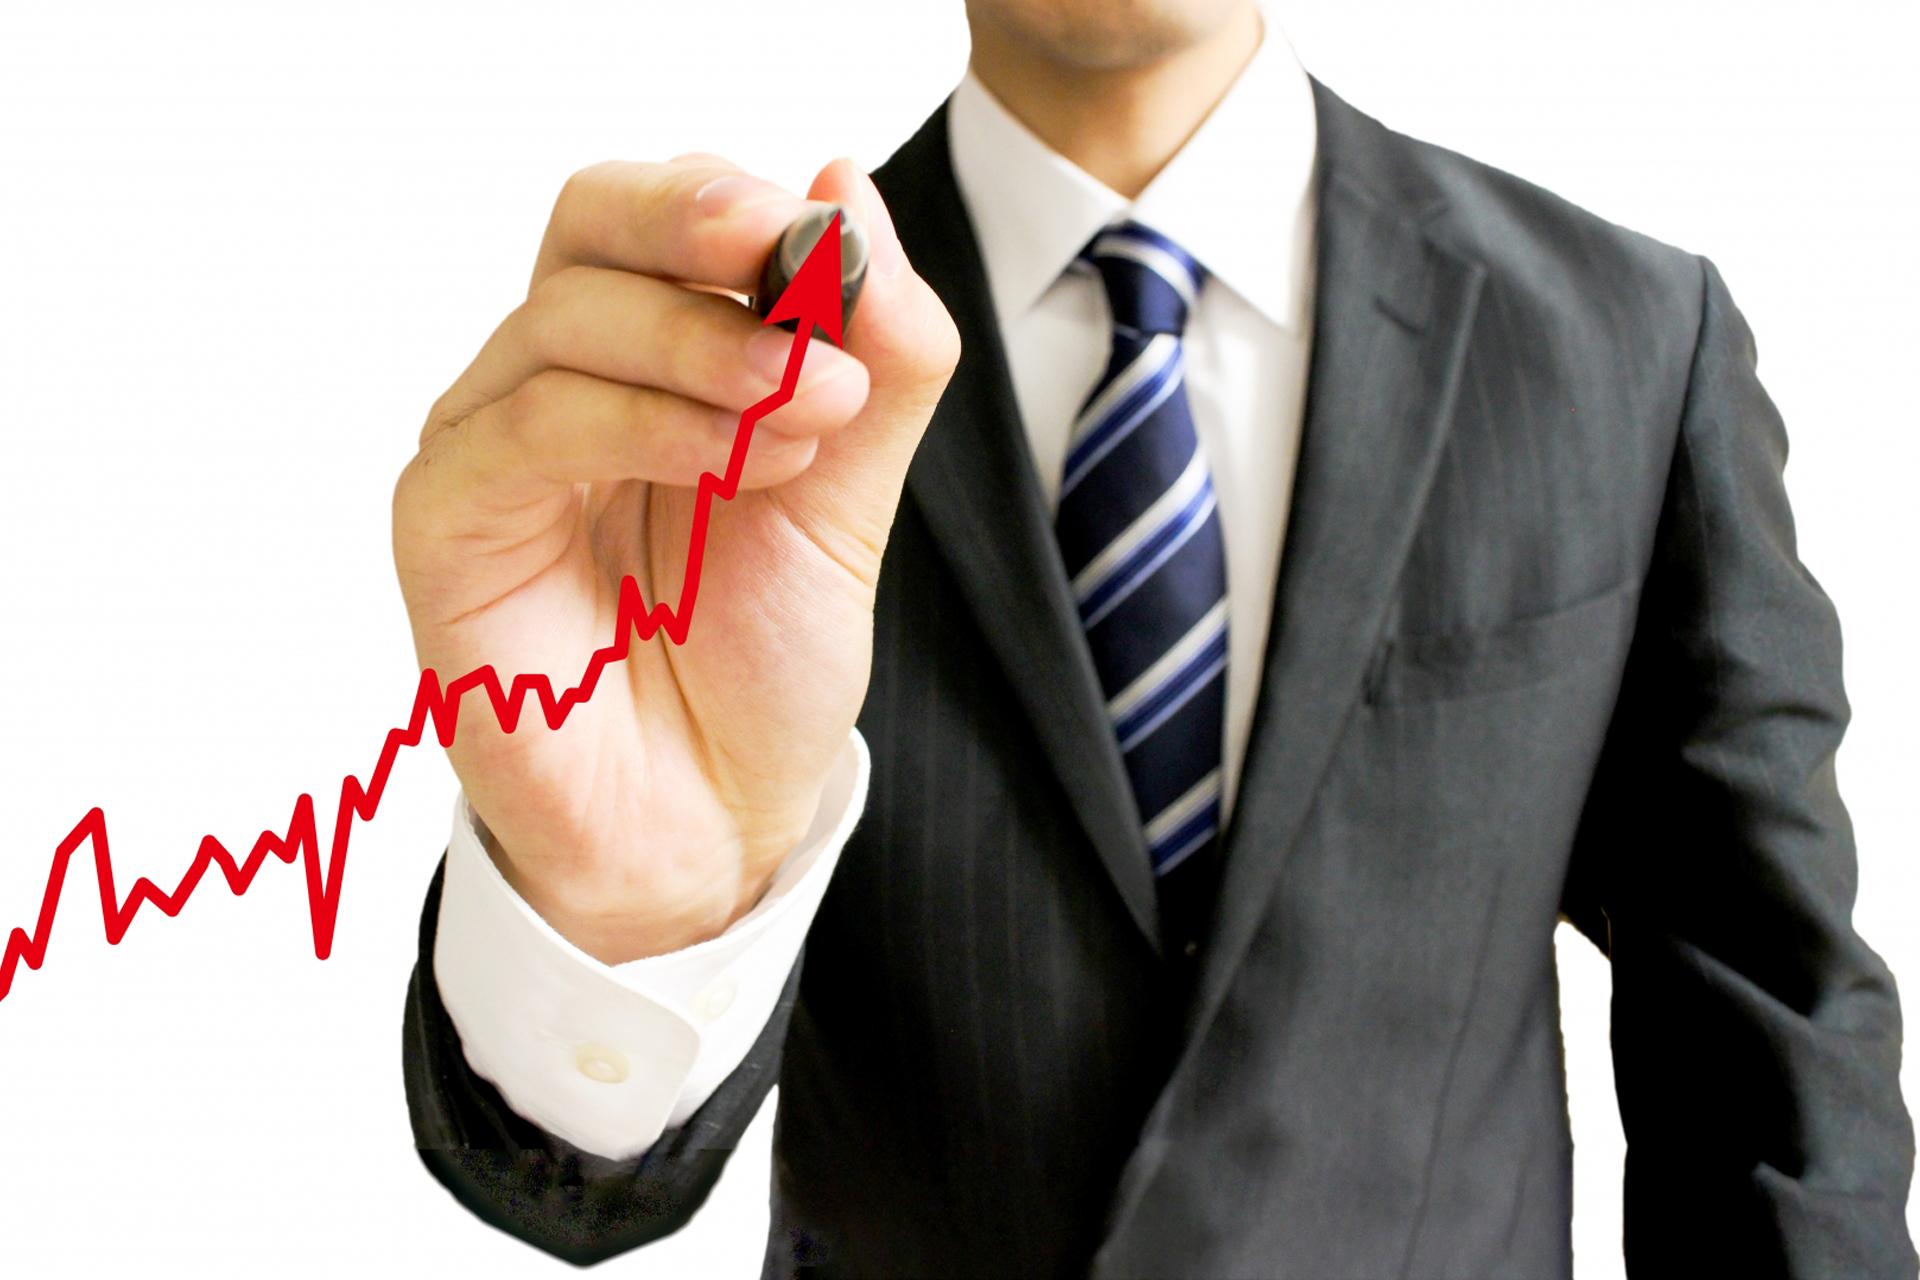 ヘッジファンドや機関投資家